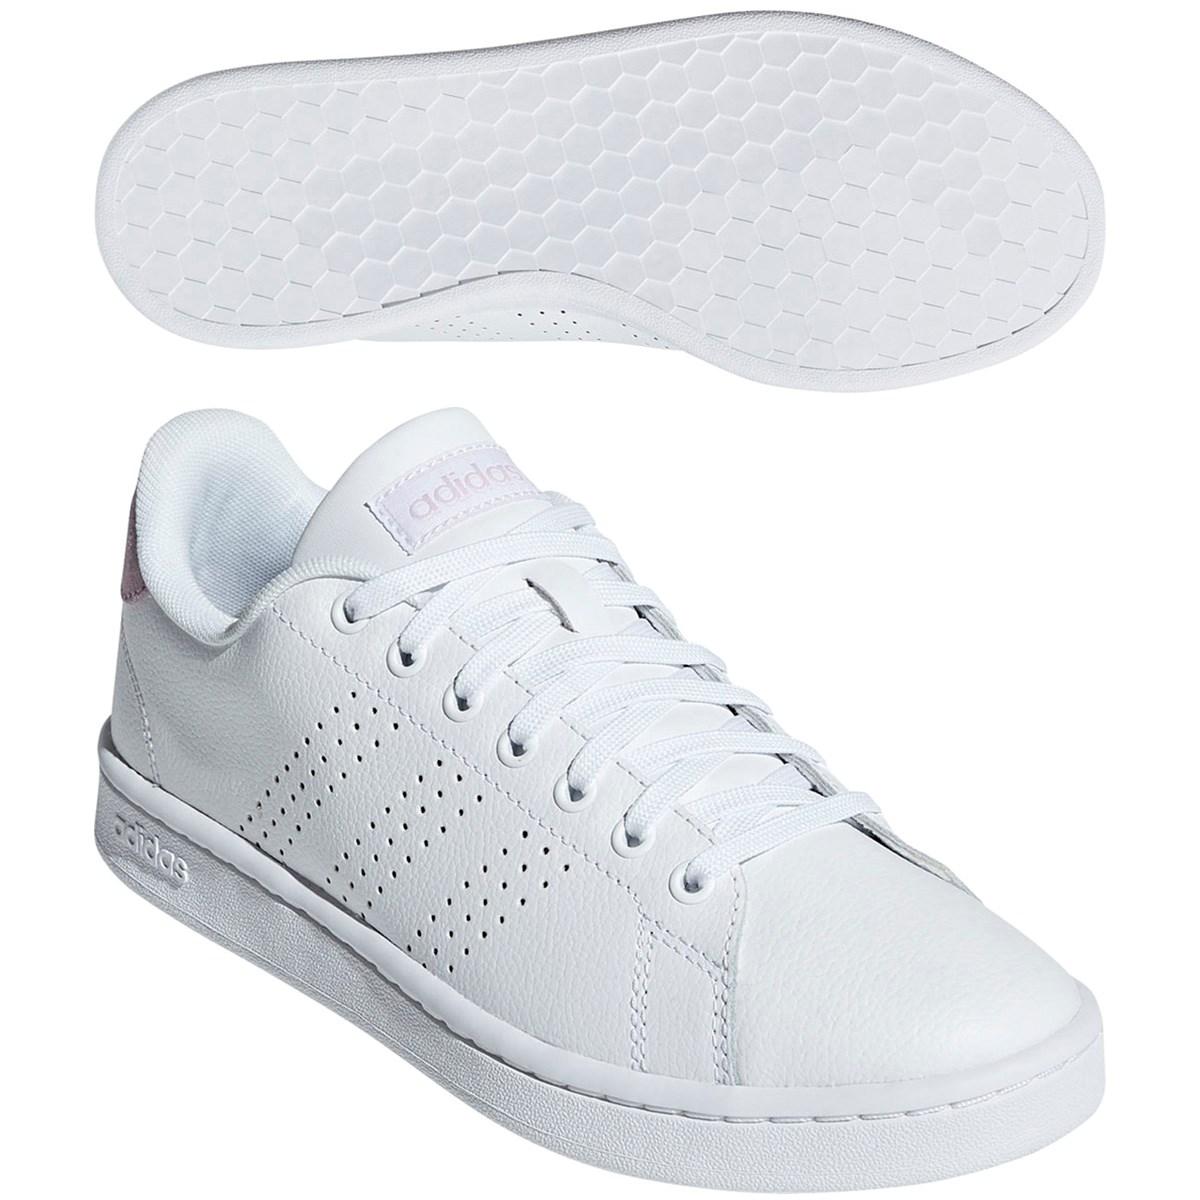 アディダス(adidas) ADVANCOURT LEA W シューズレディス